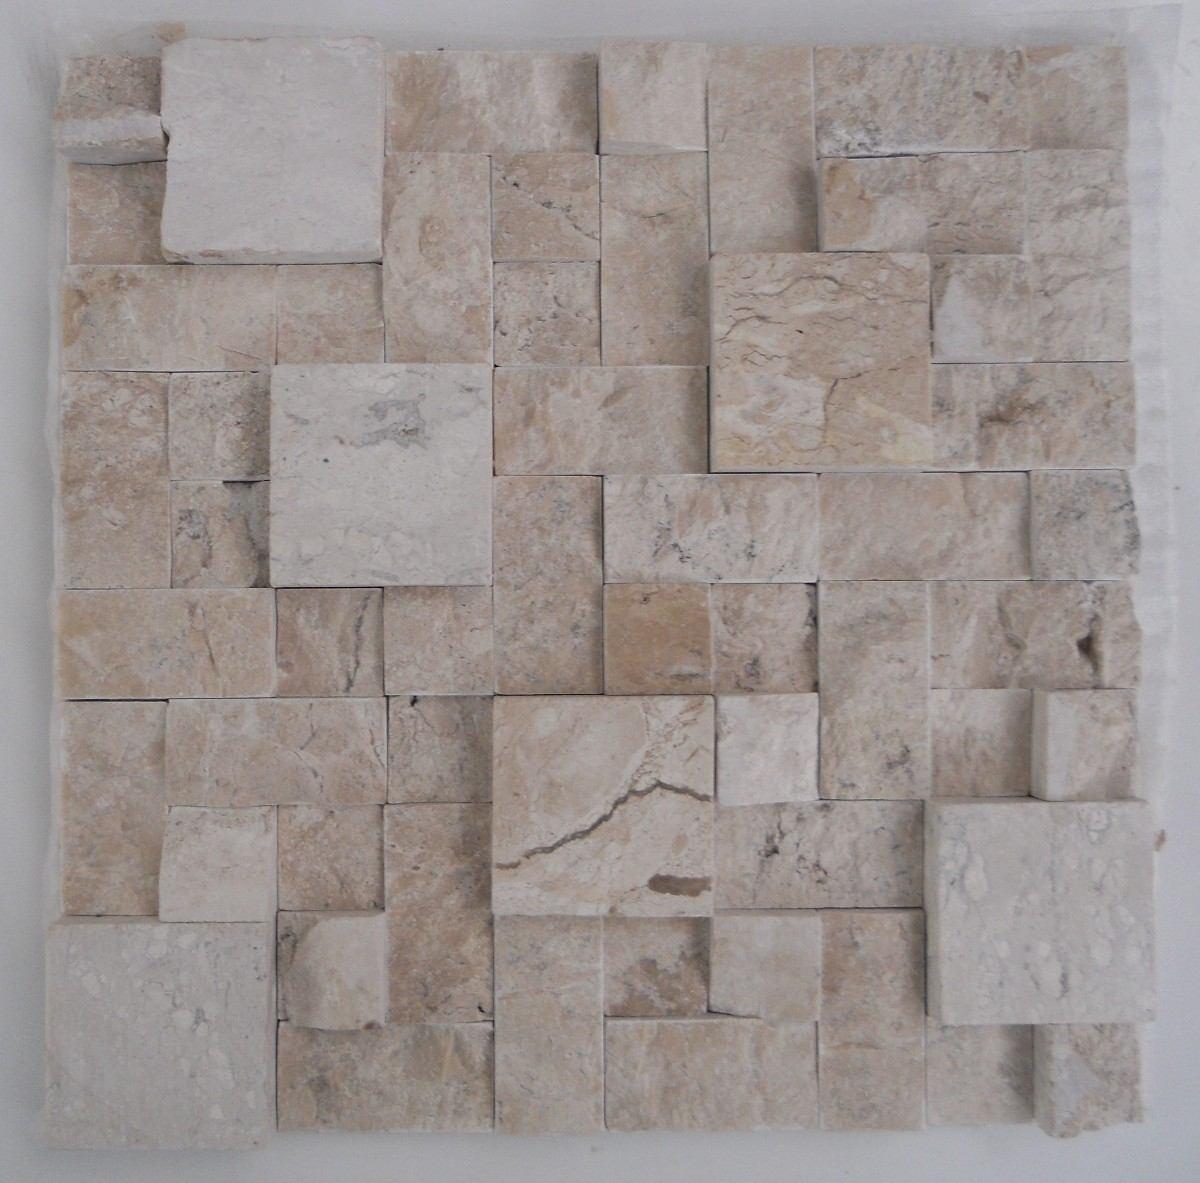 Mosaico De Mármore Branco/mármore Travertino Bege Bahia tela R$ 16  #655A52 1200x1183 Banheiro Branco Com Piso Bege